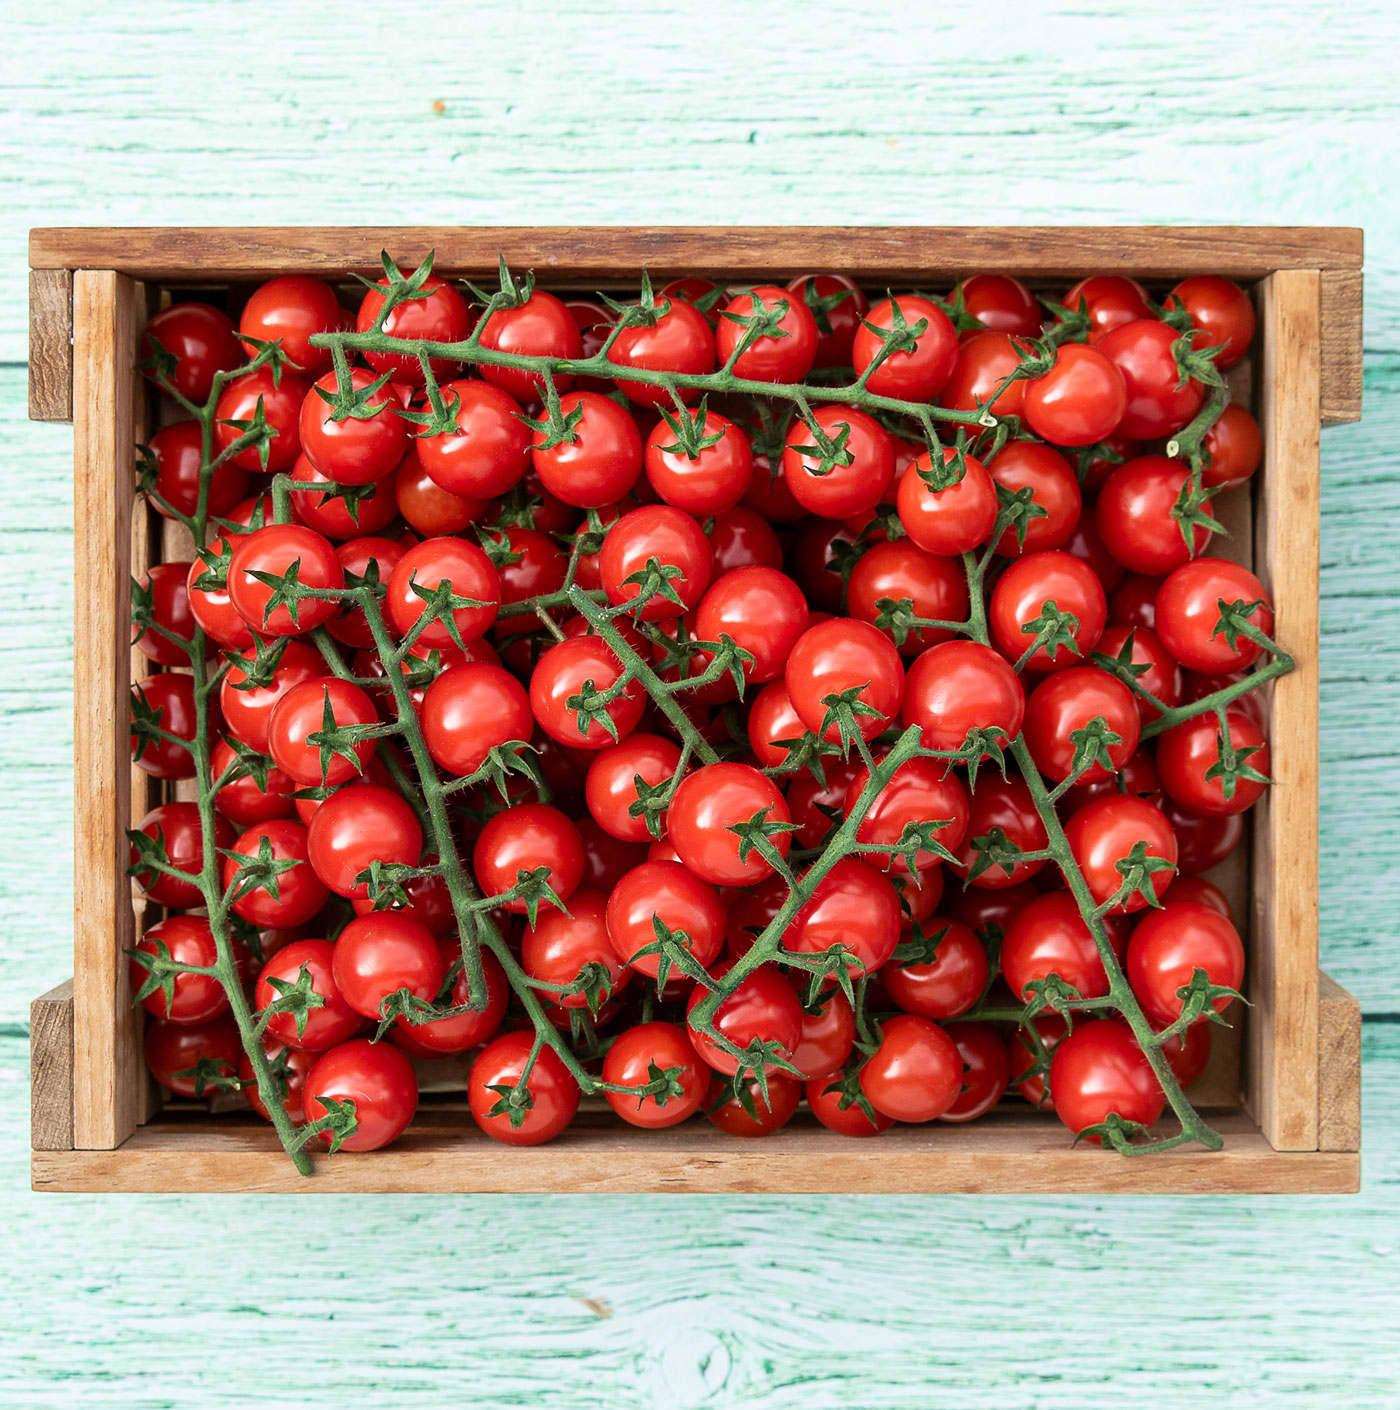 manedens_tomat1.jpg